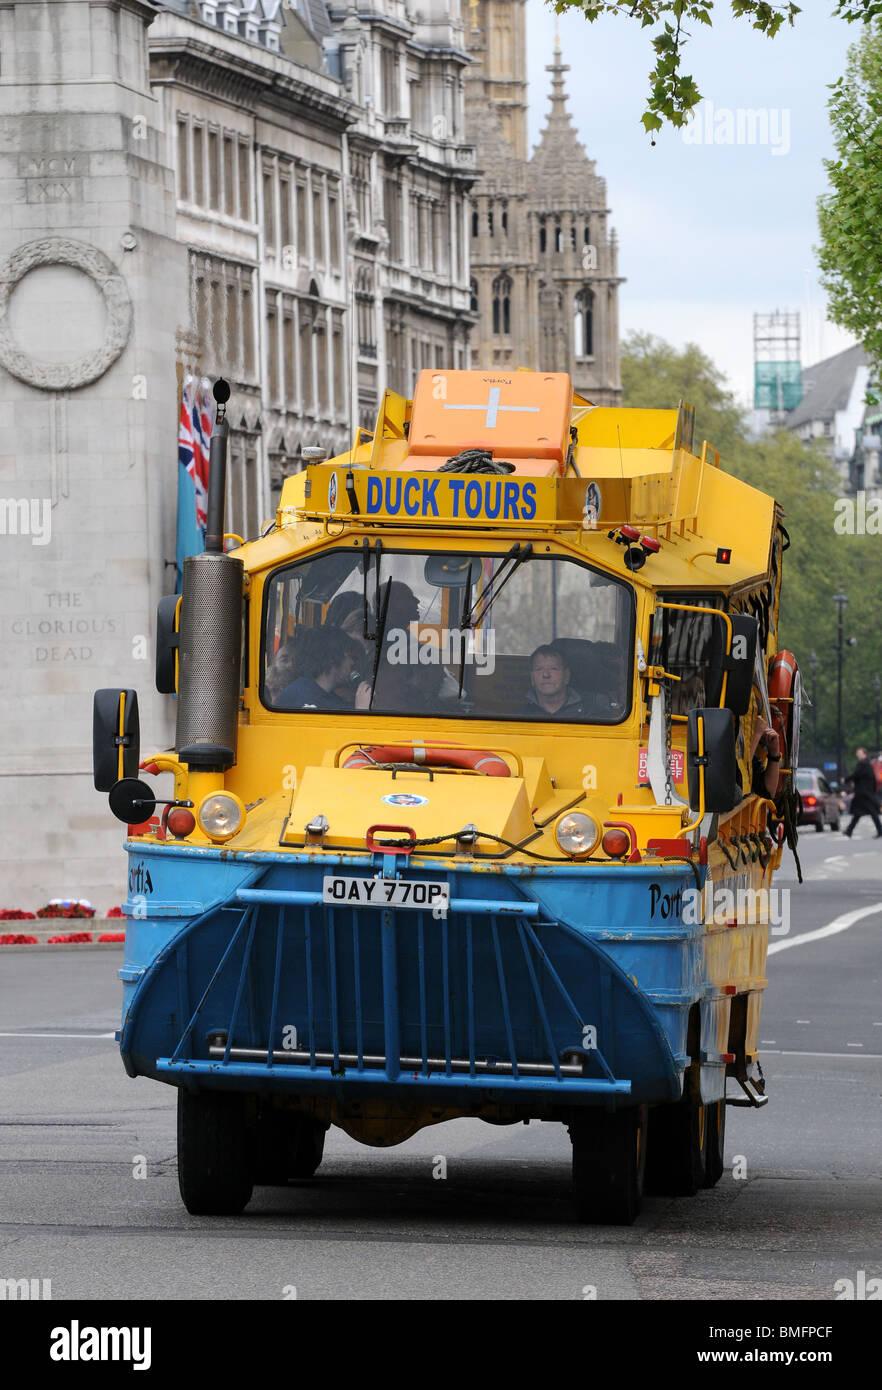 """""""Duck Tours"""" veicolo anfibio sulla strada, Londra, Gran Bretagna, Regno Unito Immagini Stock"""